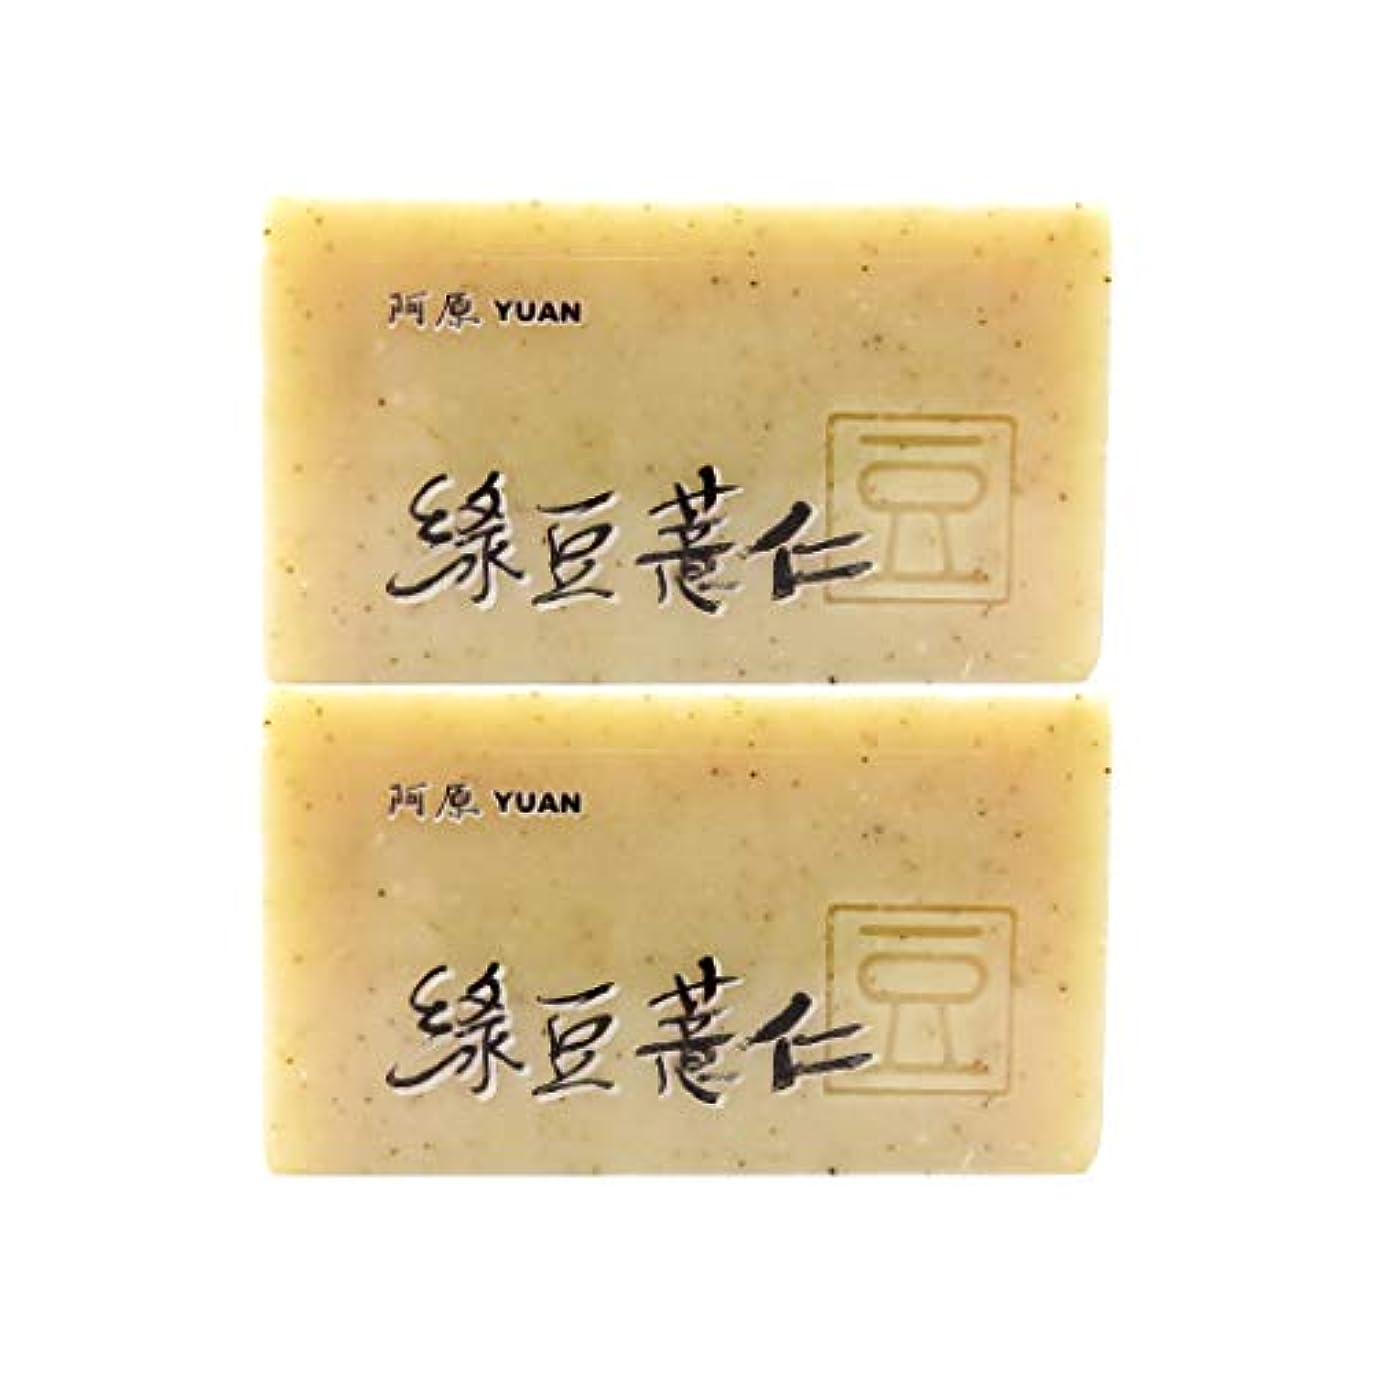 薄汚い置き場ルートユアン(YUAN) ハトムギ+リョクトウソープ 100g (2個セット)